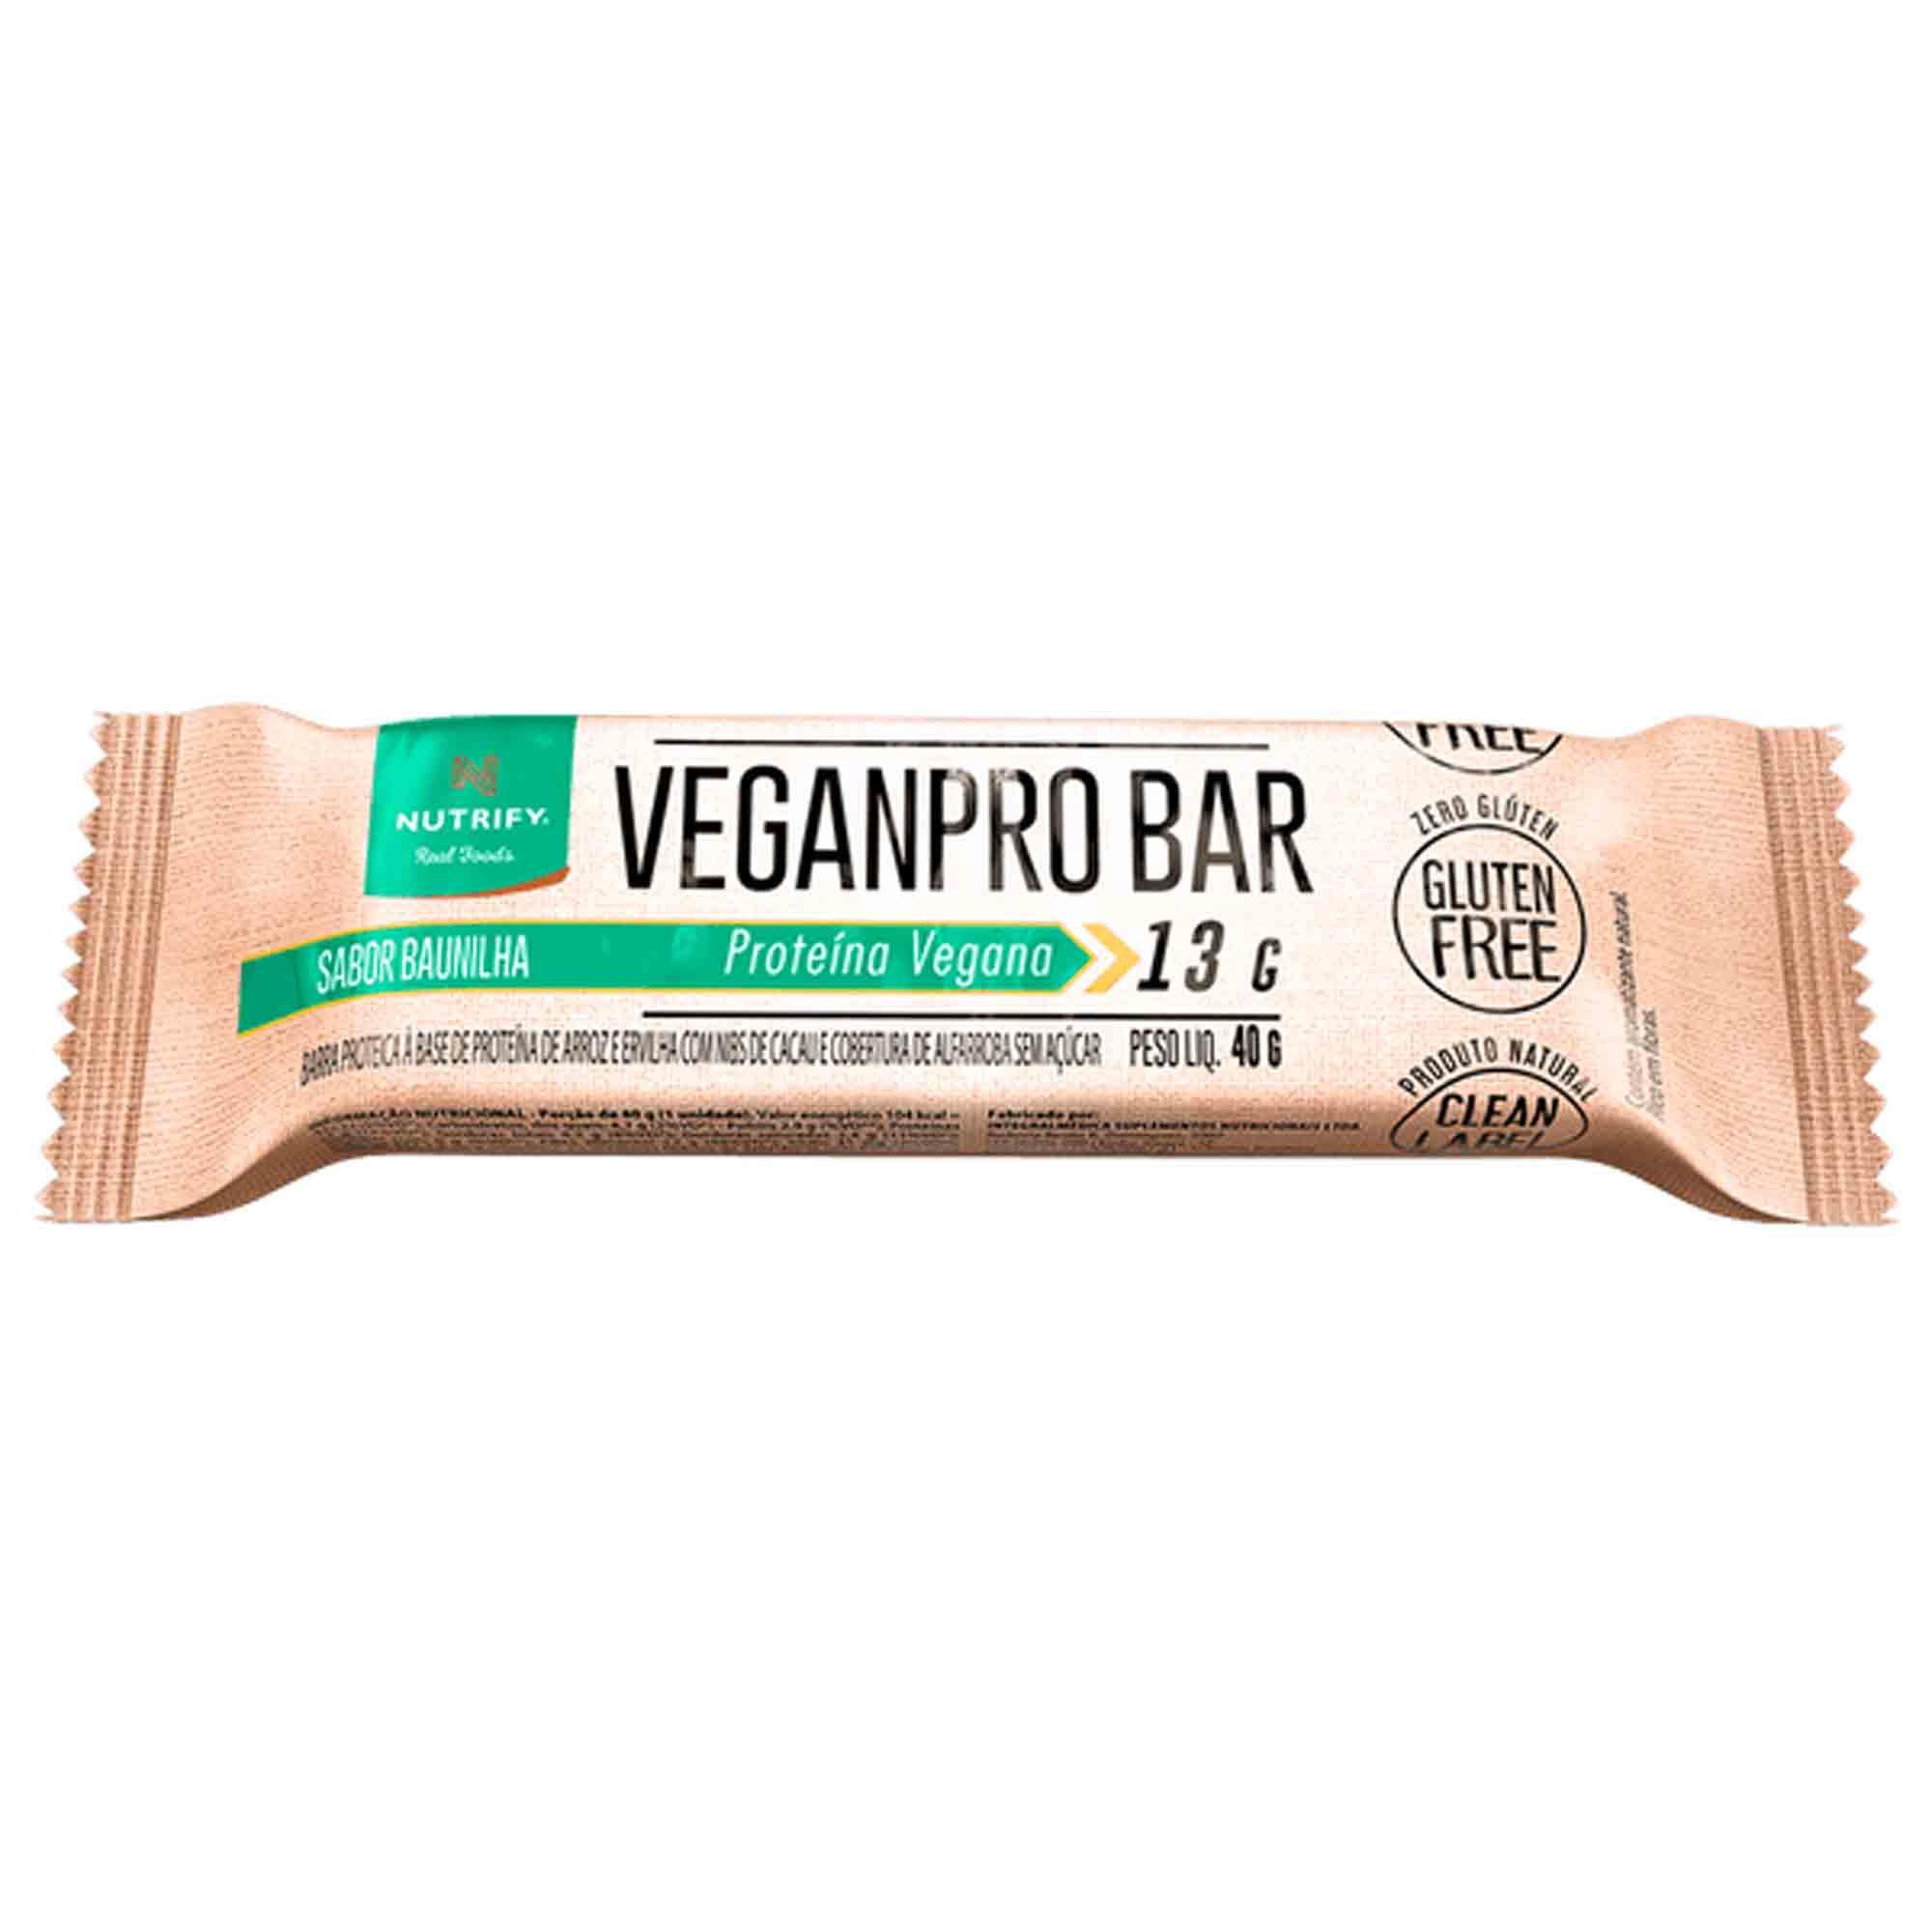 Veganpro Bar sabor Baunilha c/ Nibs de Cacau 13g Nutrify